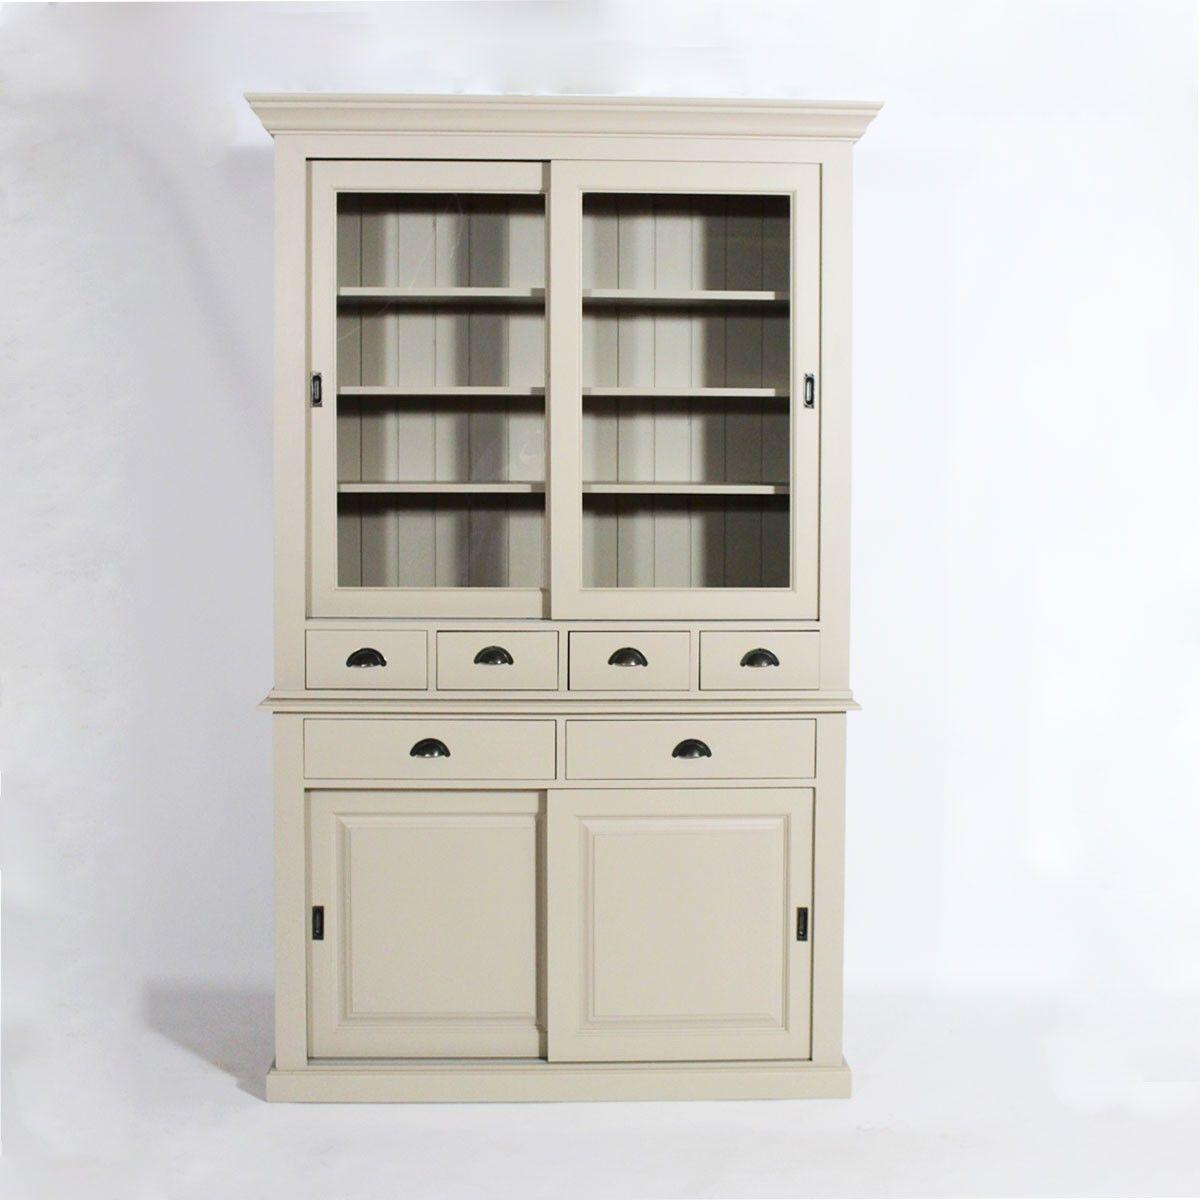 Buffet vaisselier bois taupe 4 portes coulissantes 6 tiroirs vaisselier made in meubles - Meuble buffet bois ...